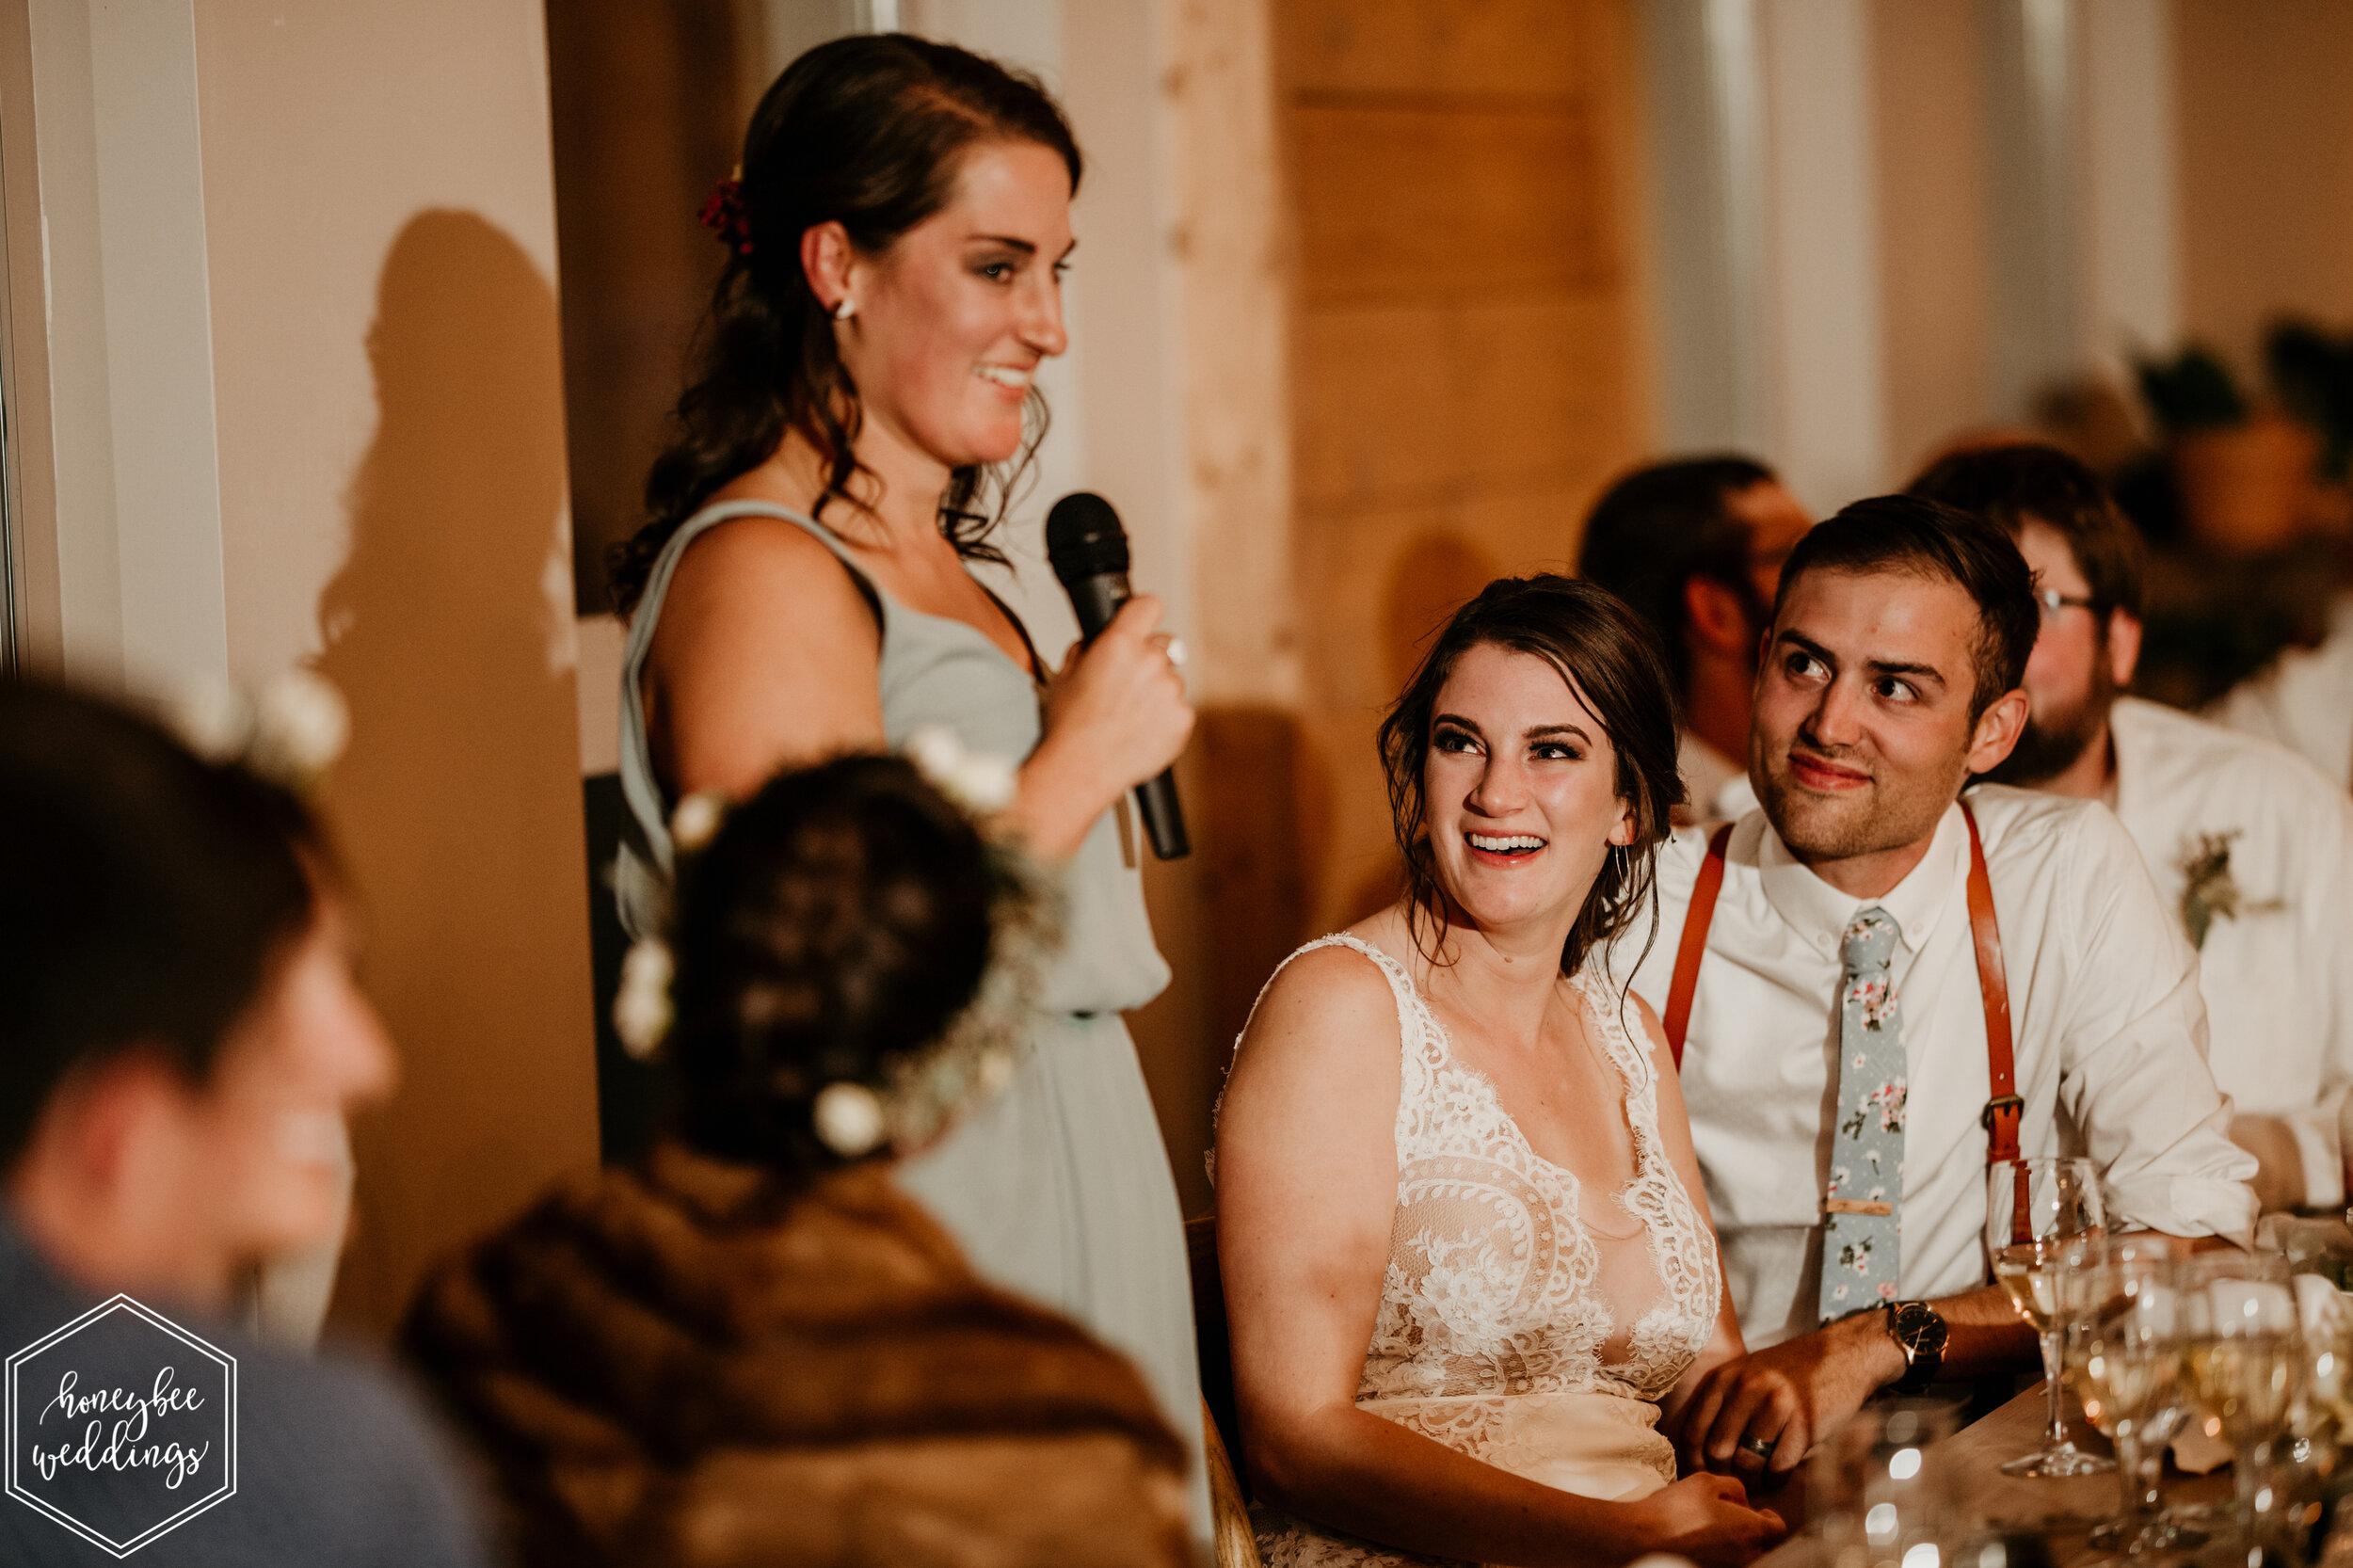 158White Raven Wedding_Dusty Blue Wedding_Lauren & Ethan_Honeybee Weddings_September 13, 2019-1413.jpg